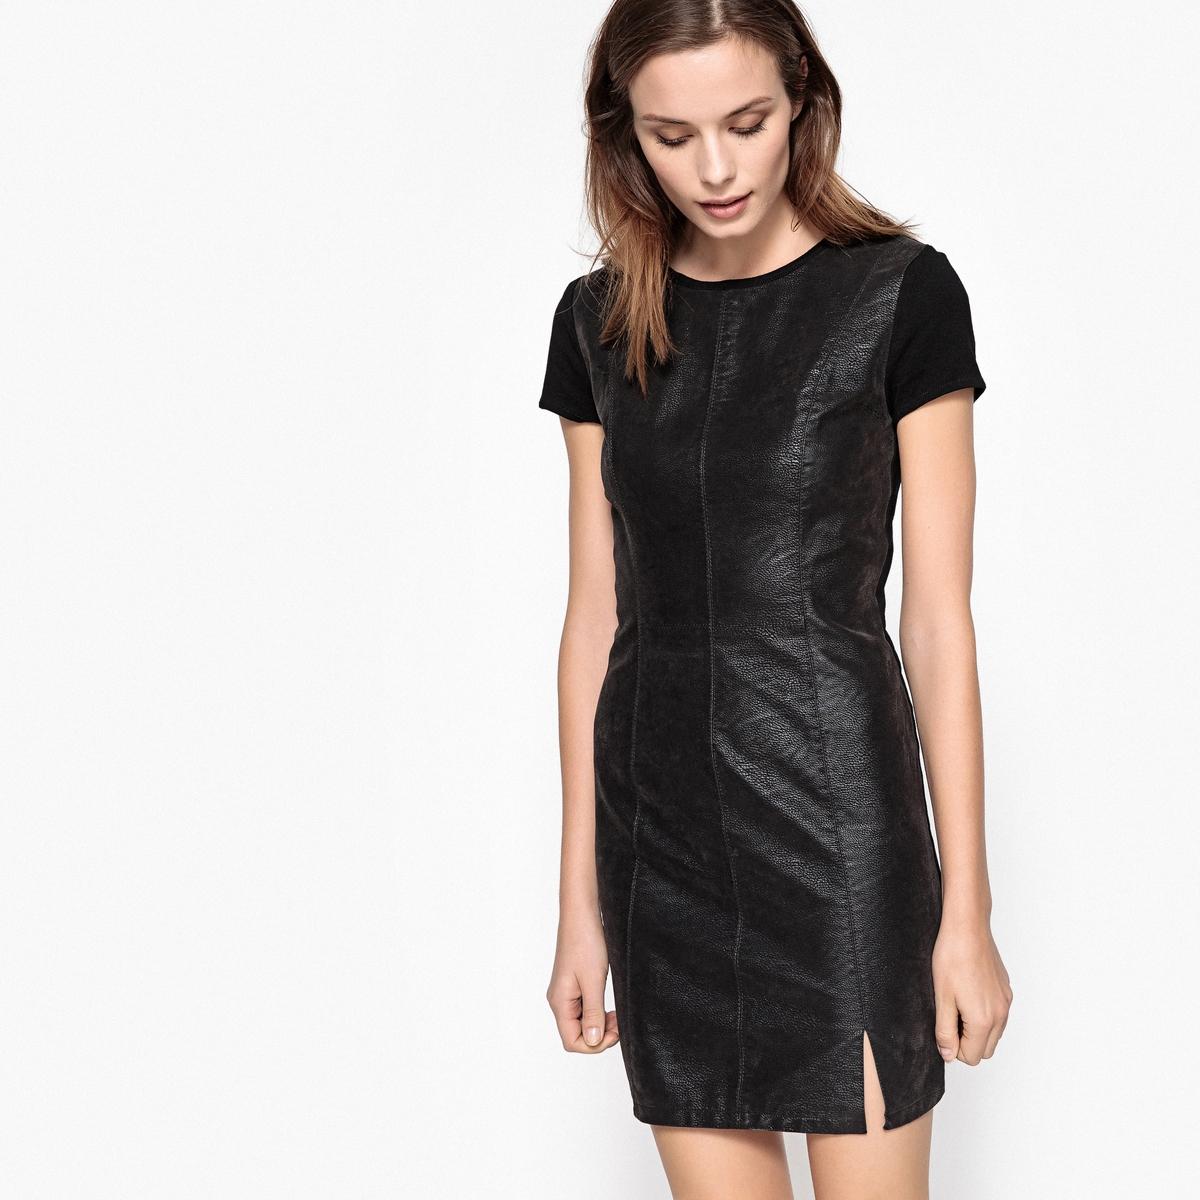 Платье облегающее, однотонное, до колен, с короткими рукавами платье облегающее короткое однотонное с длинными рукавами